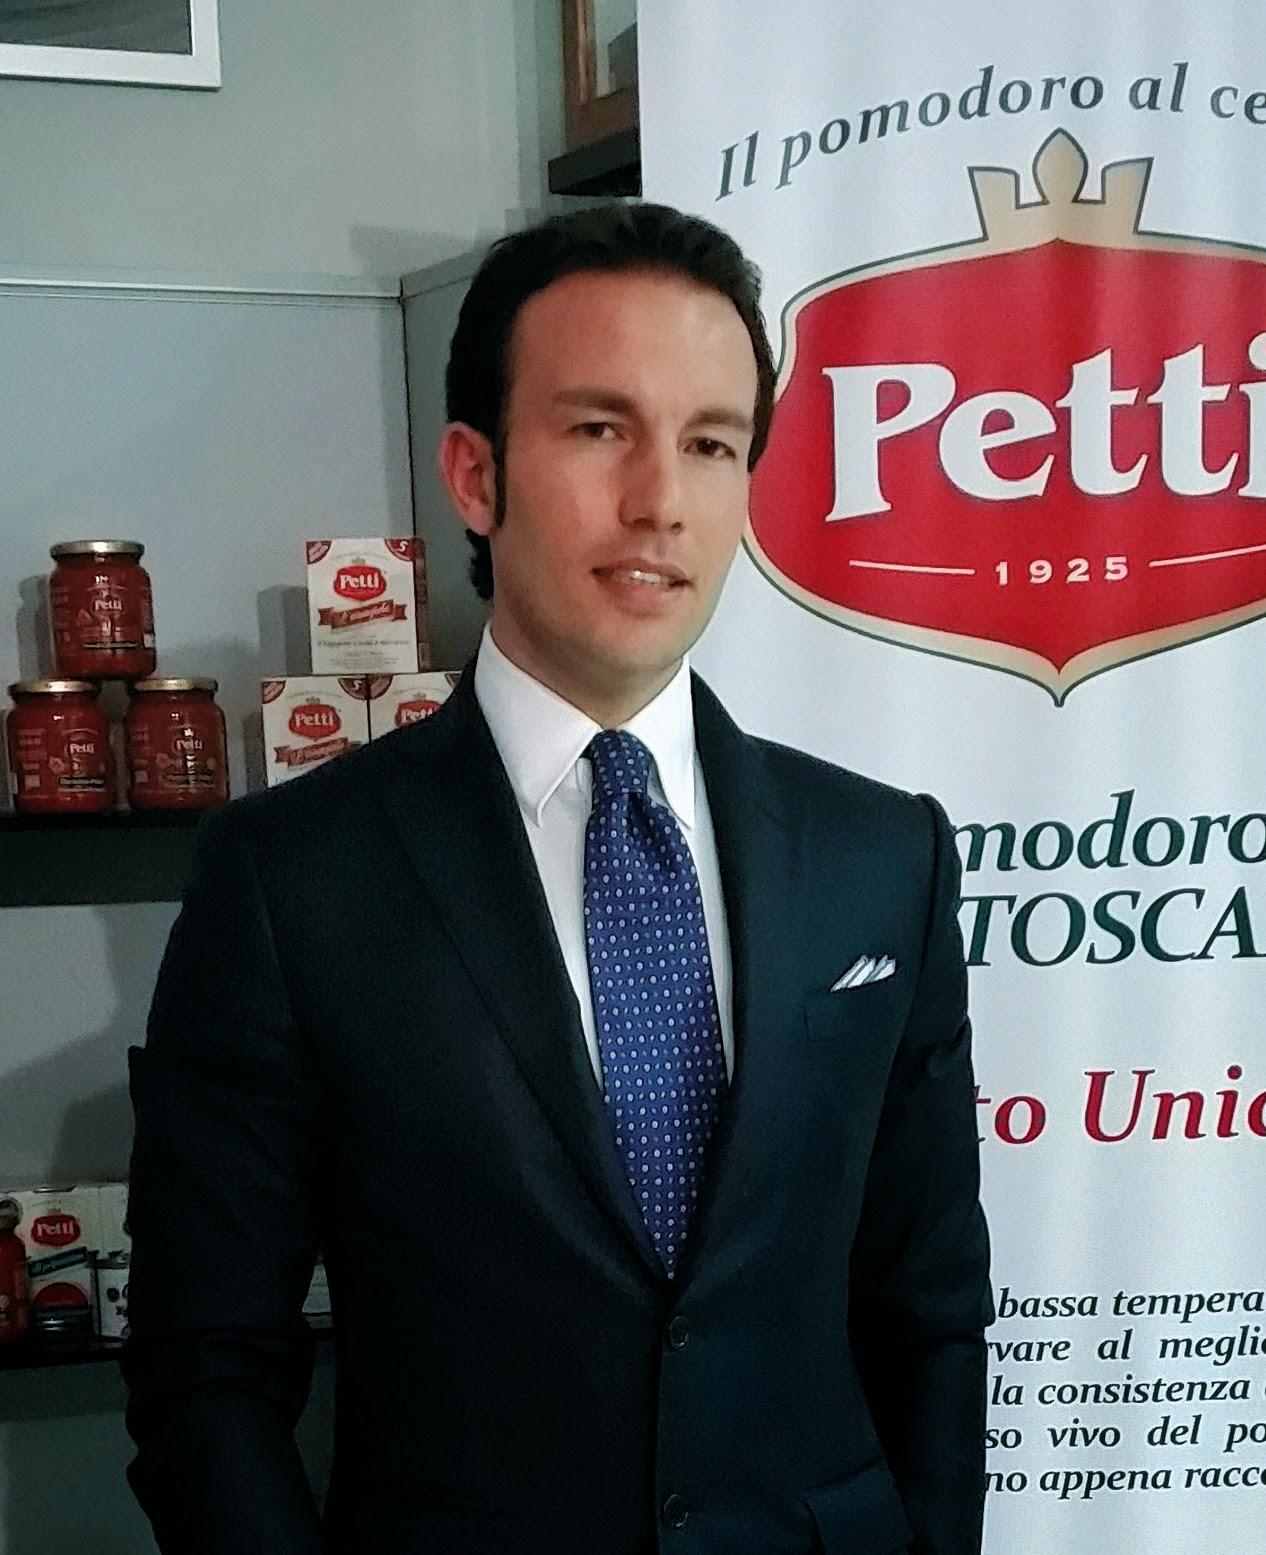 Pasquale Petti